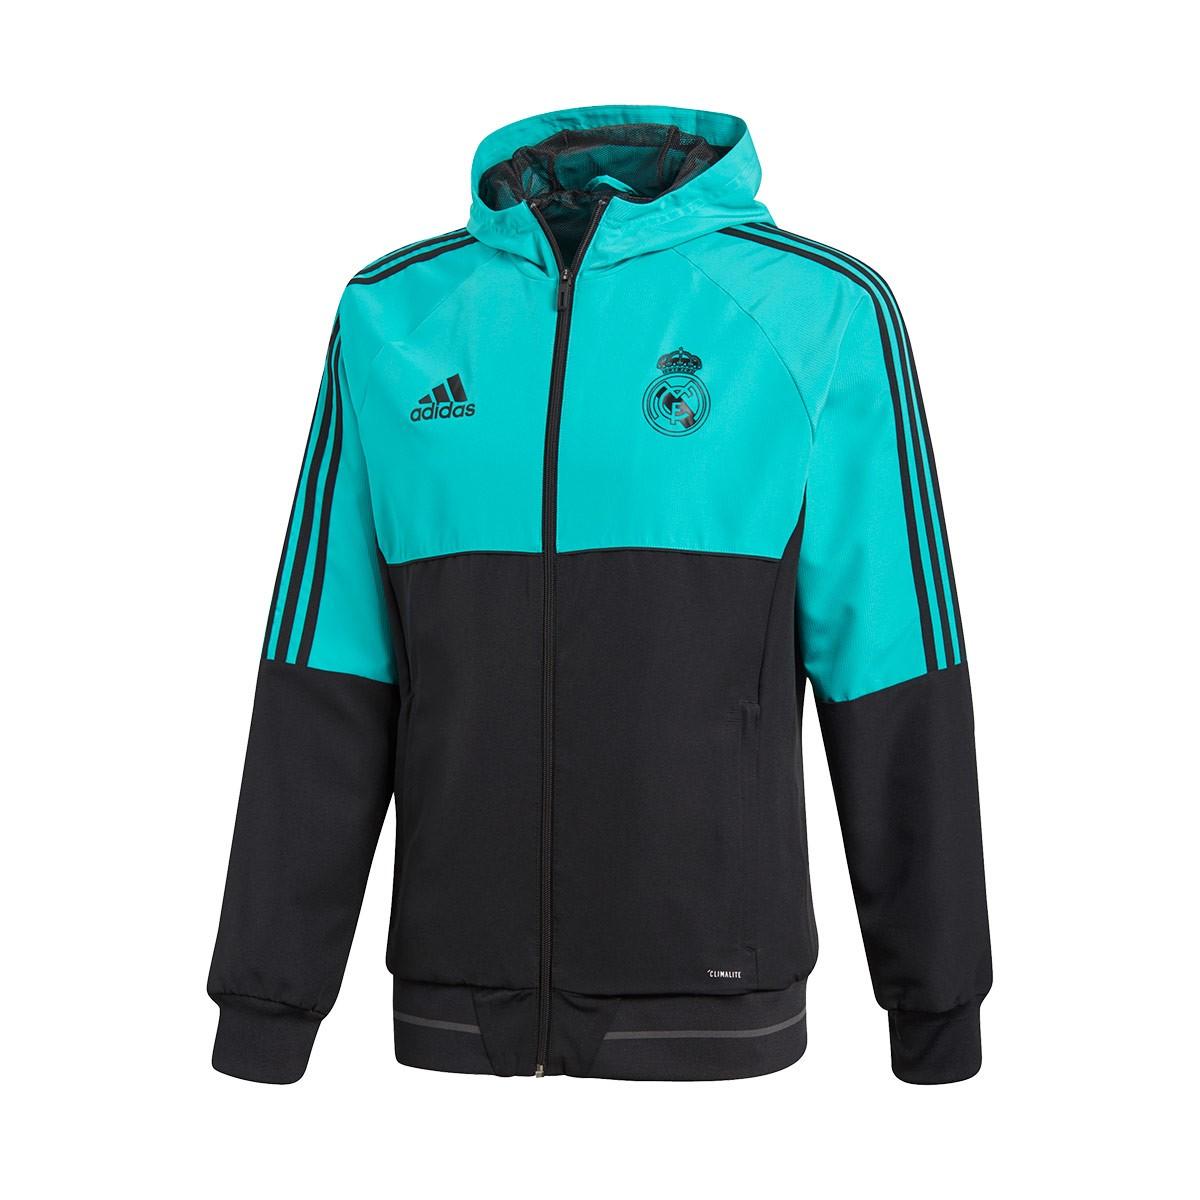 483b4ea8c4950 Chaqueta adidas Pre Match Real Madrid 2017-2018 Aero reef - Tienda de  fútbol Fútbol Emotion